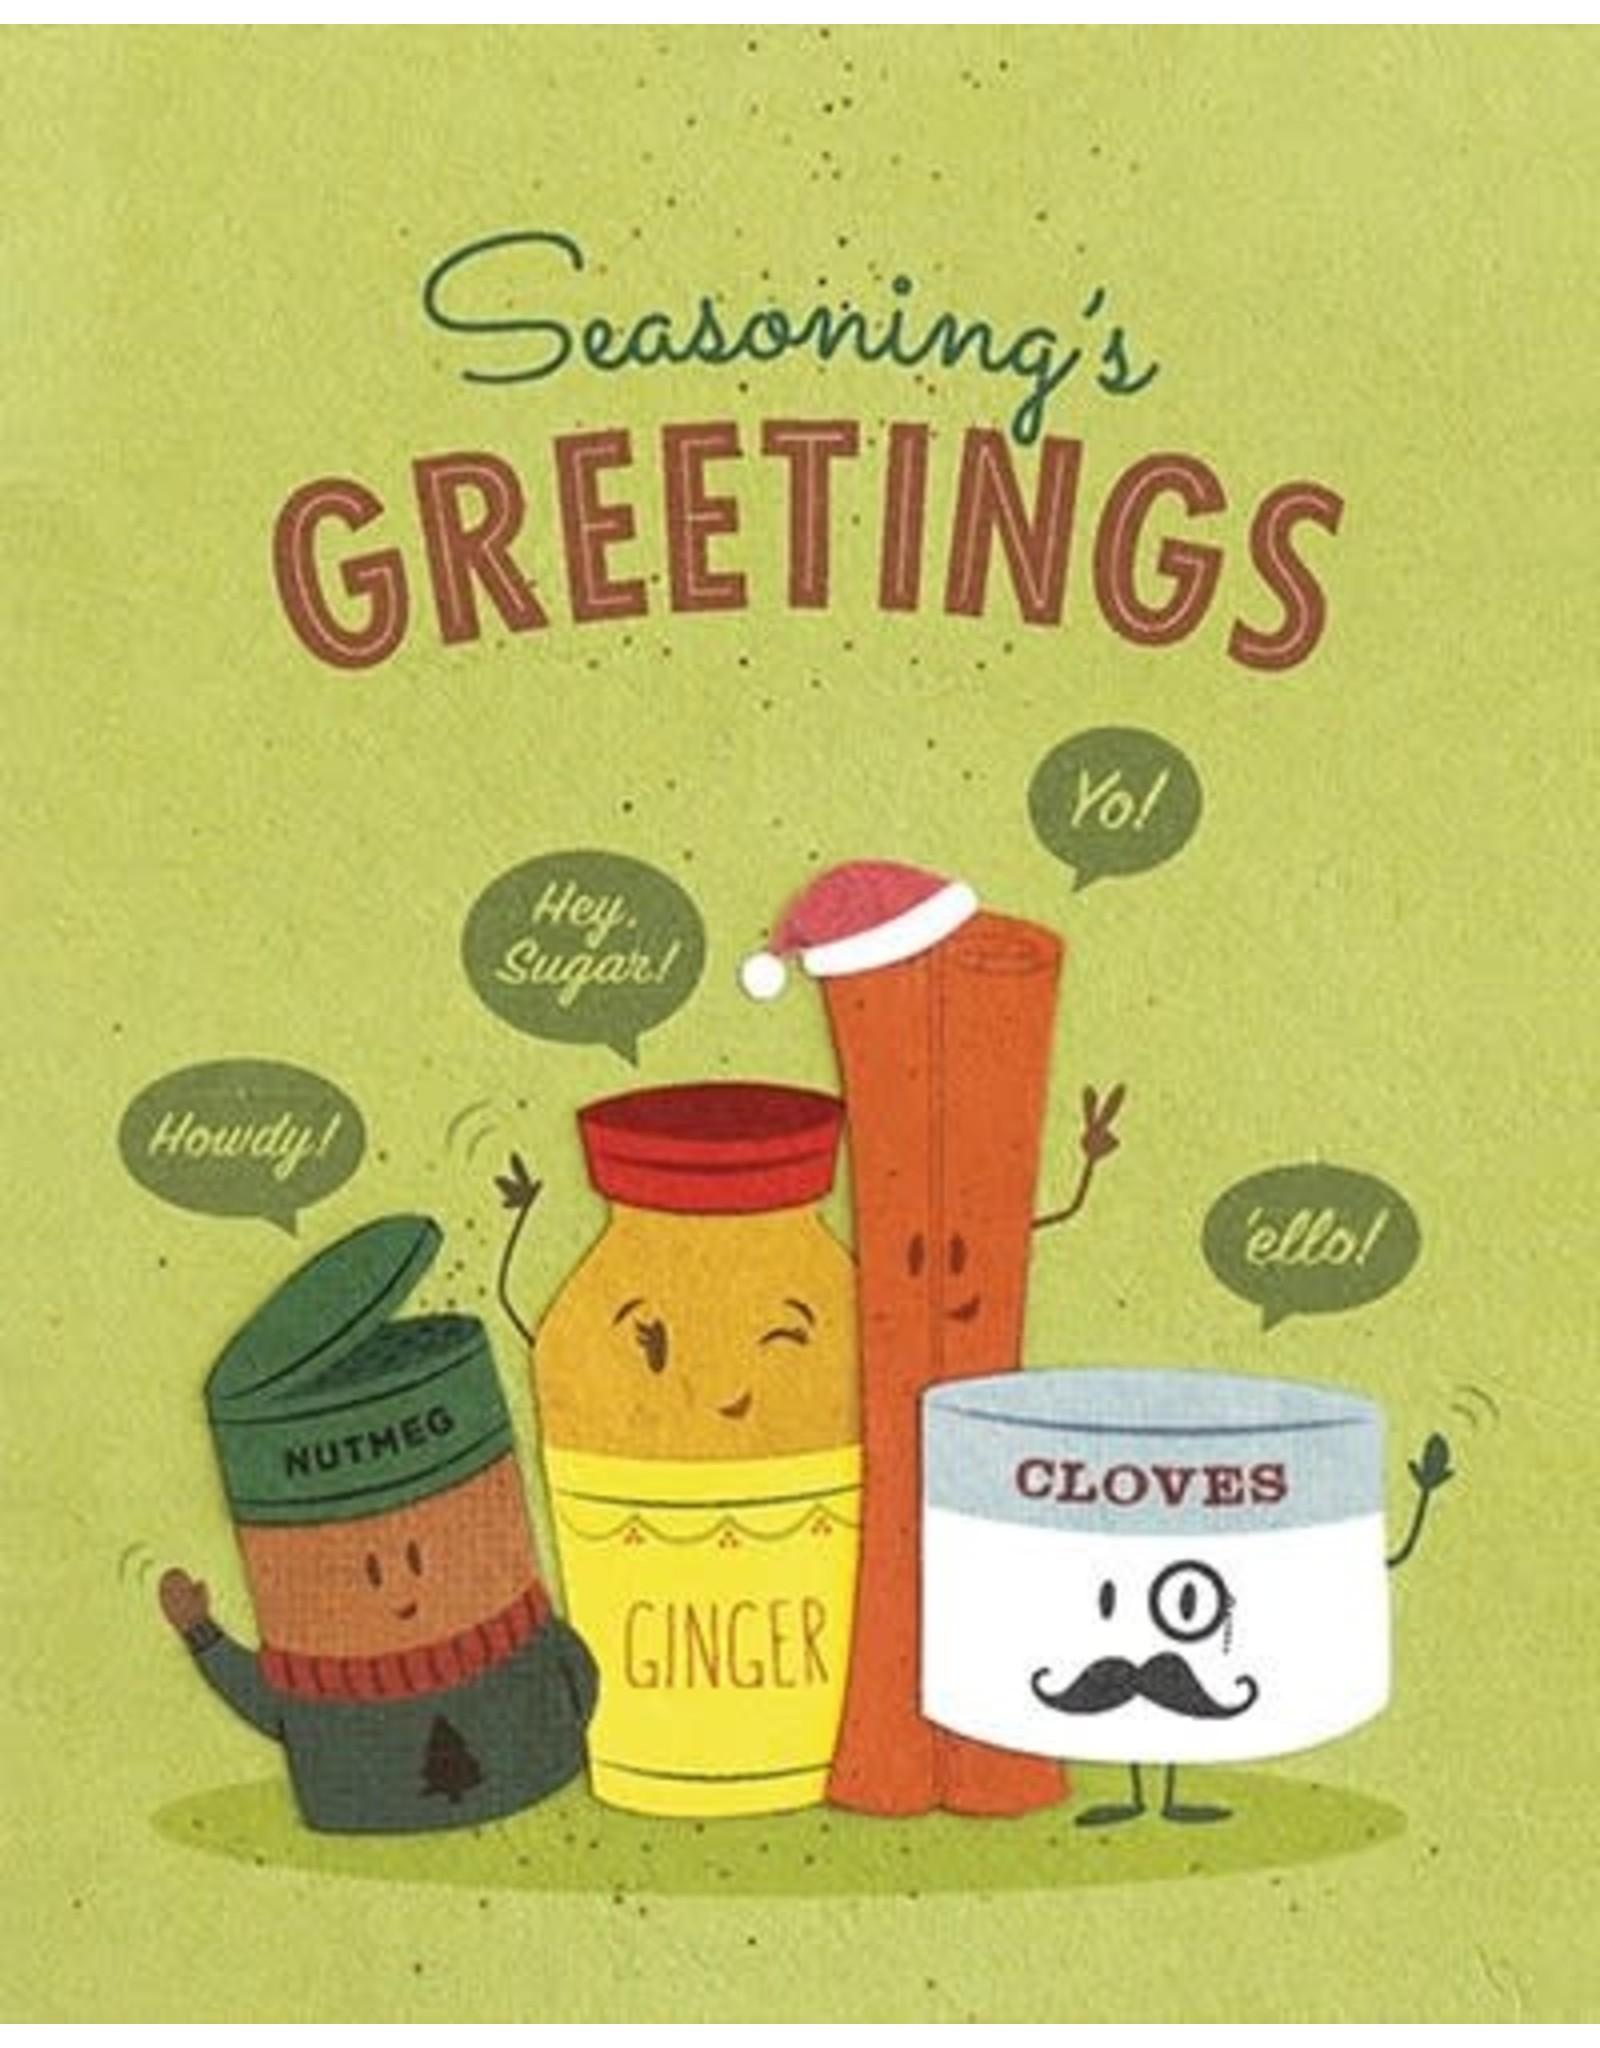 Good Paper Seasonings Greetings Card